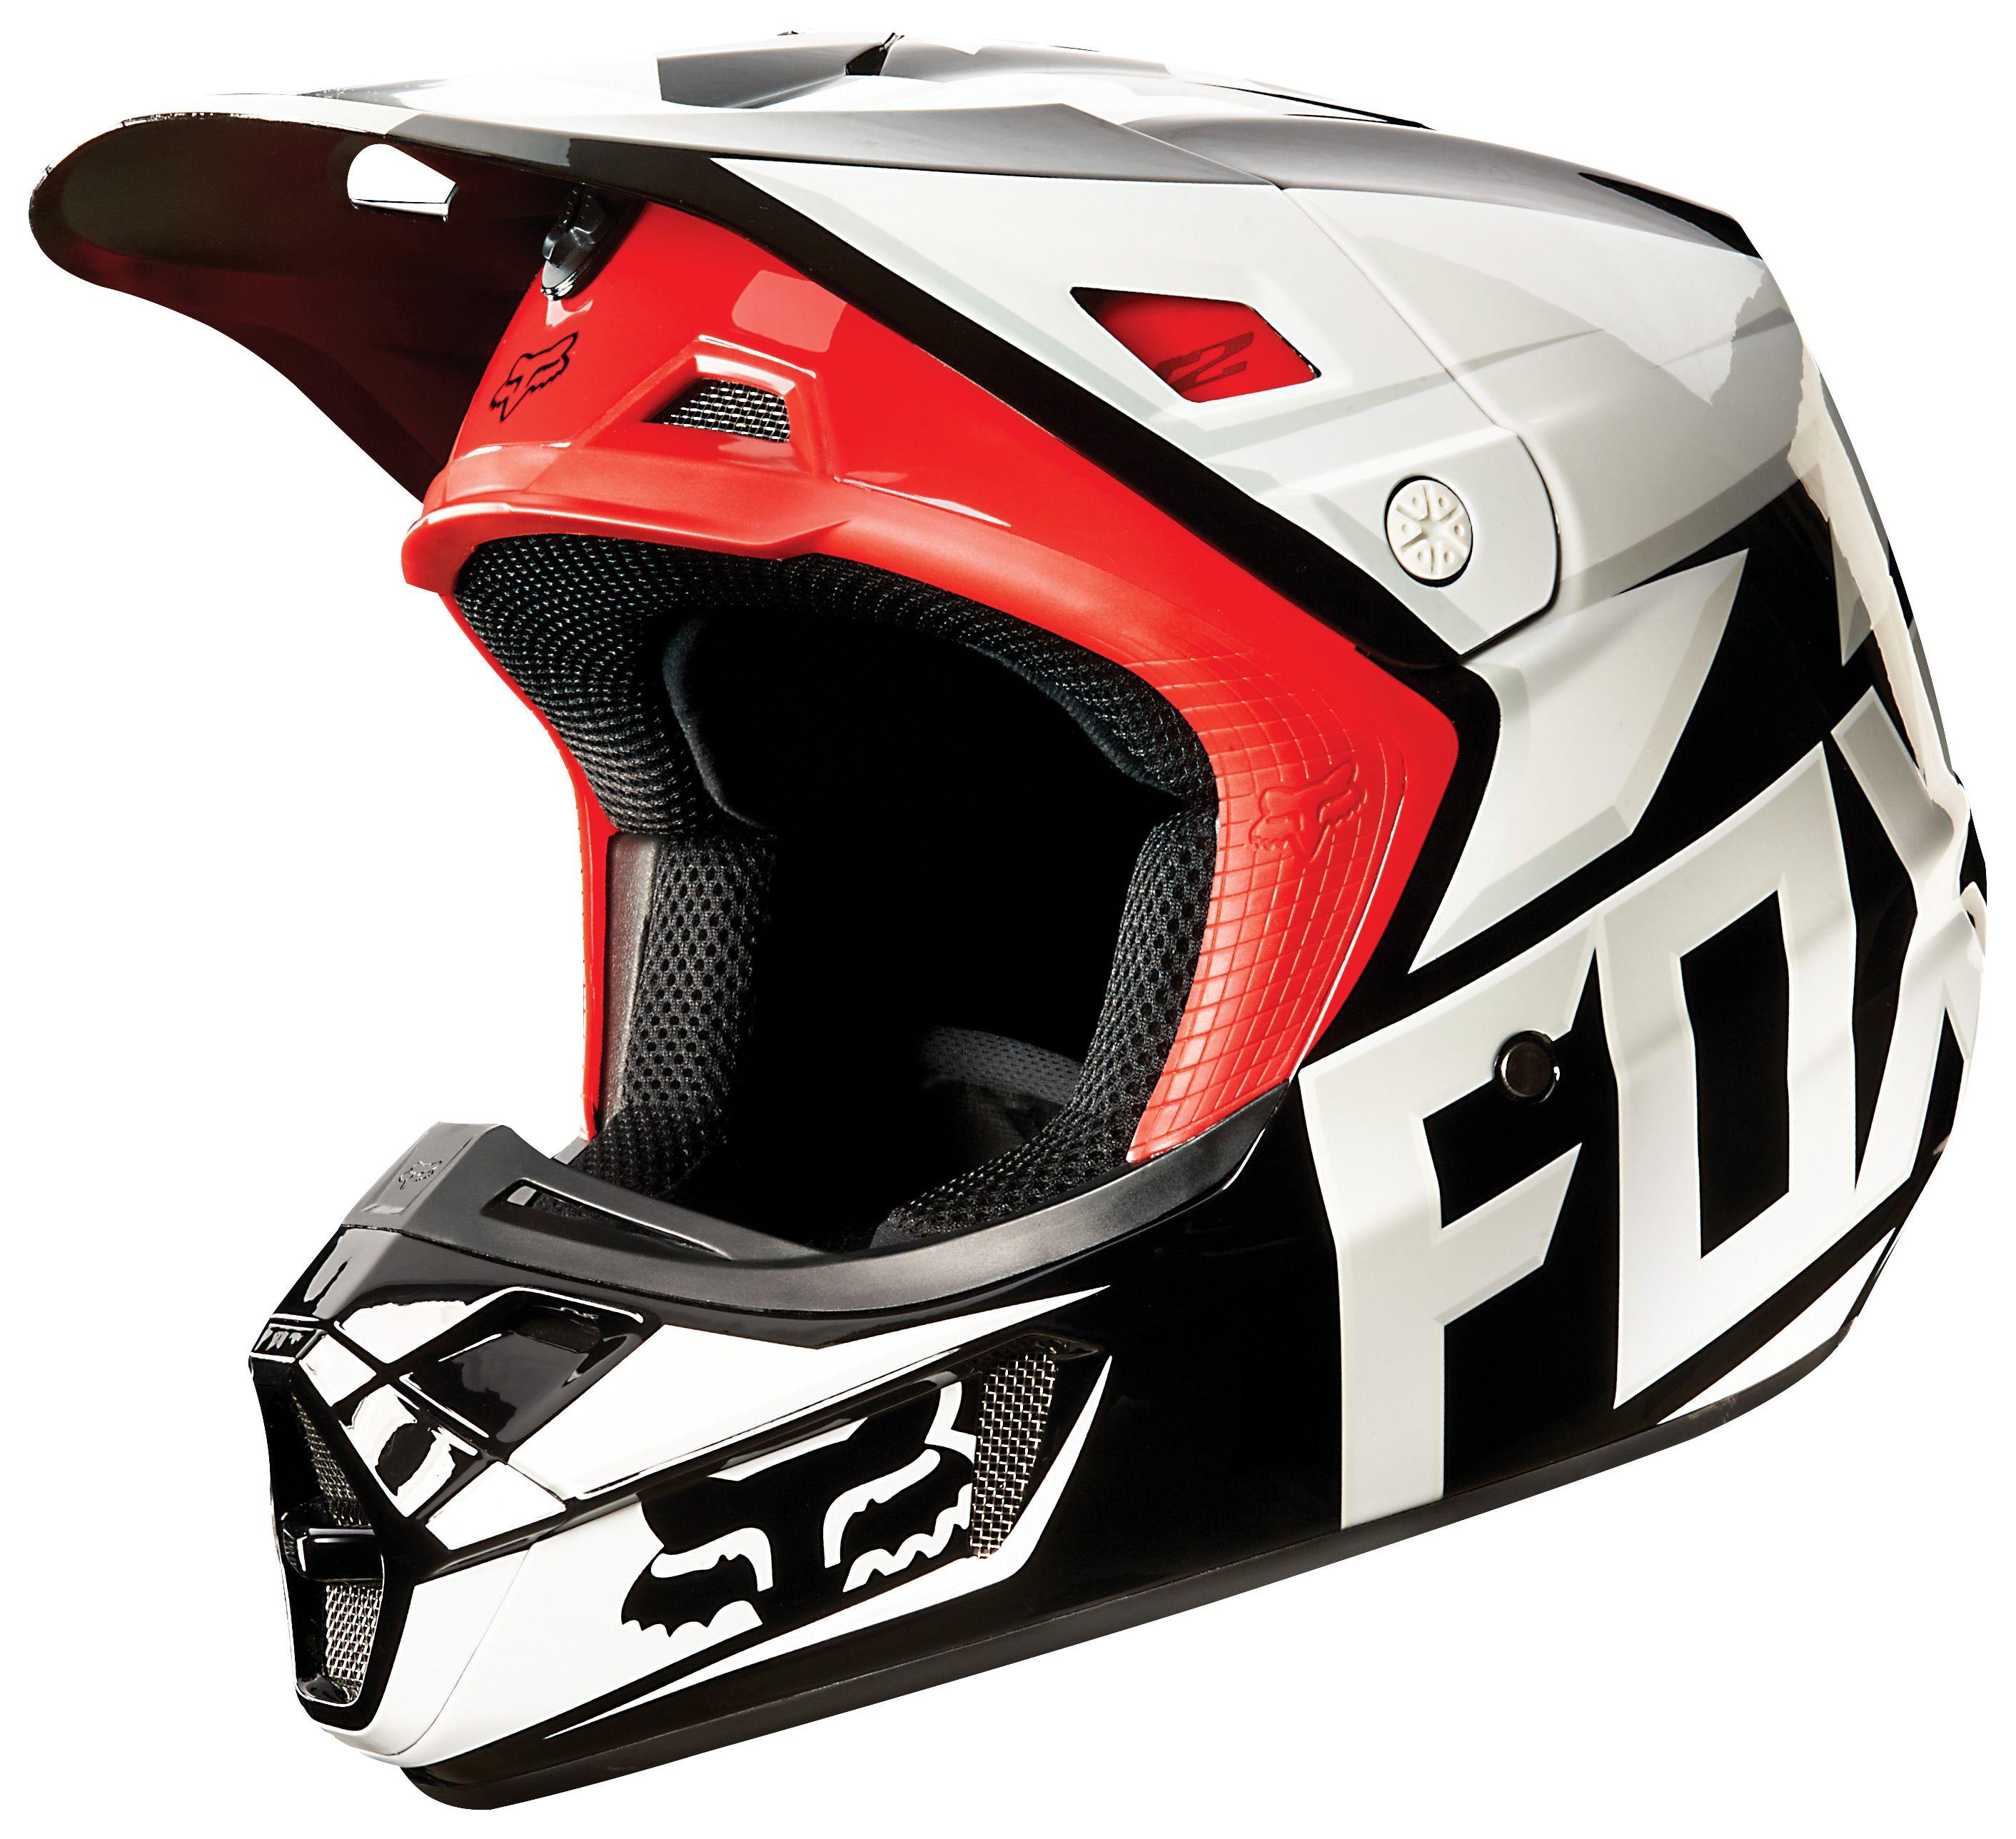 Fox Racing V2 Race Helmet Revzilla